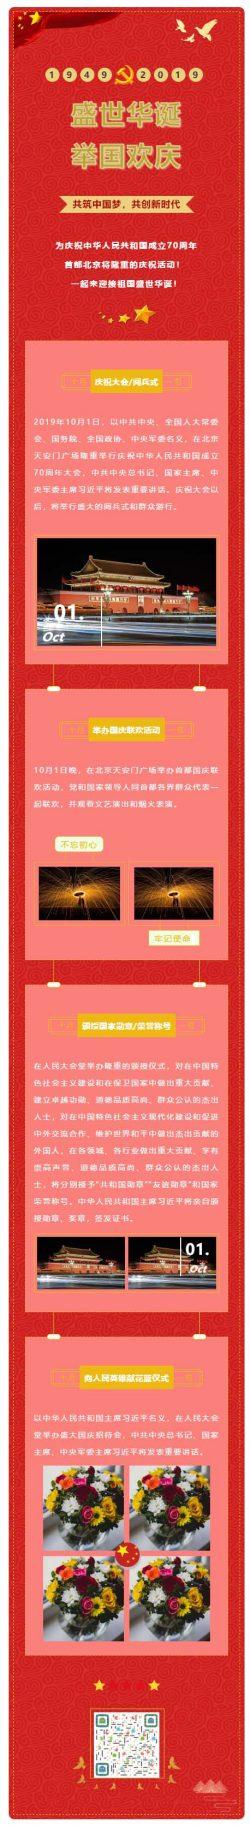 庆祝中华人民共和国成立70周年大会国庆节红色微信公众号图文模板